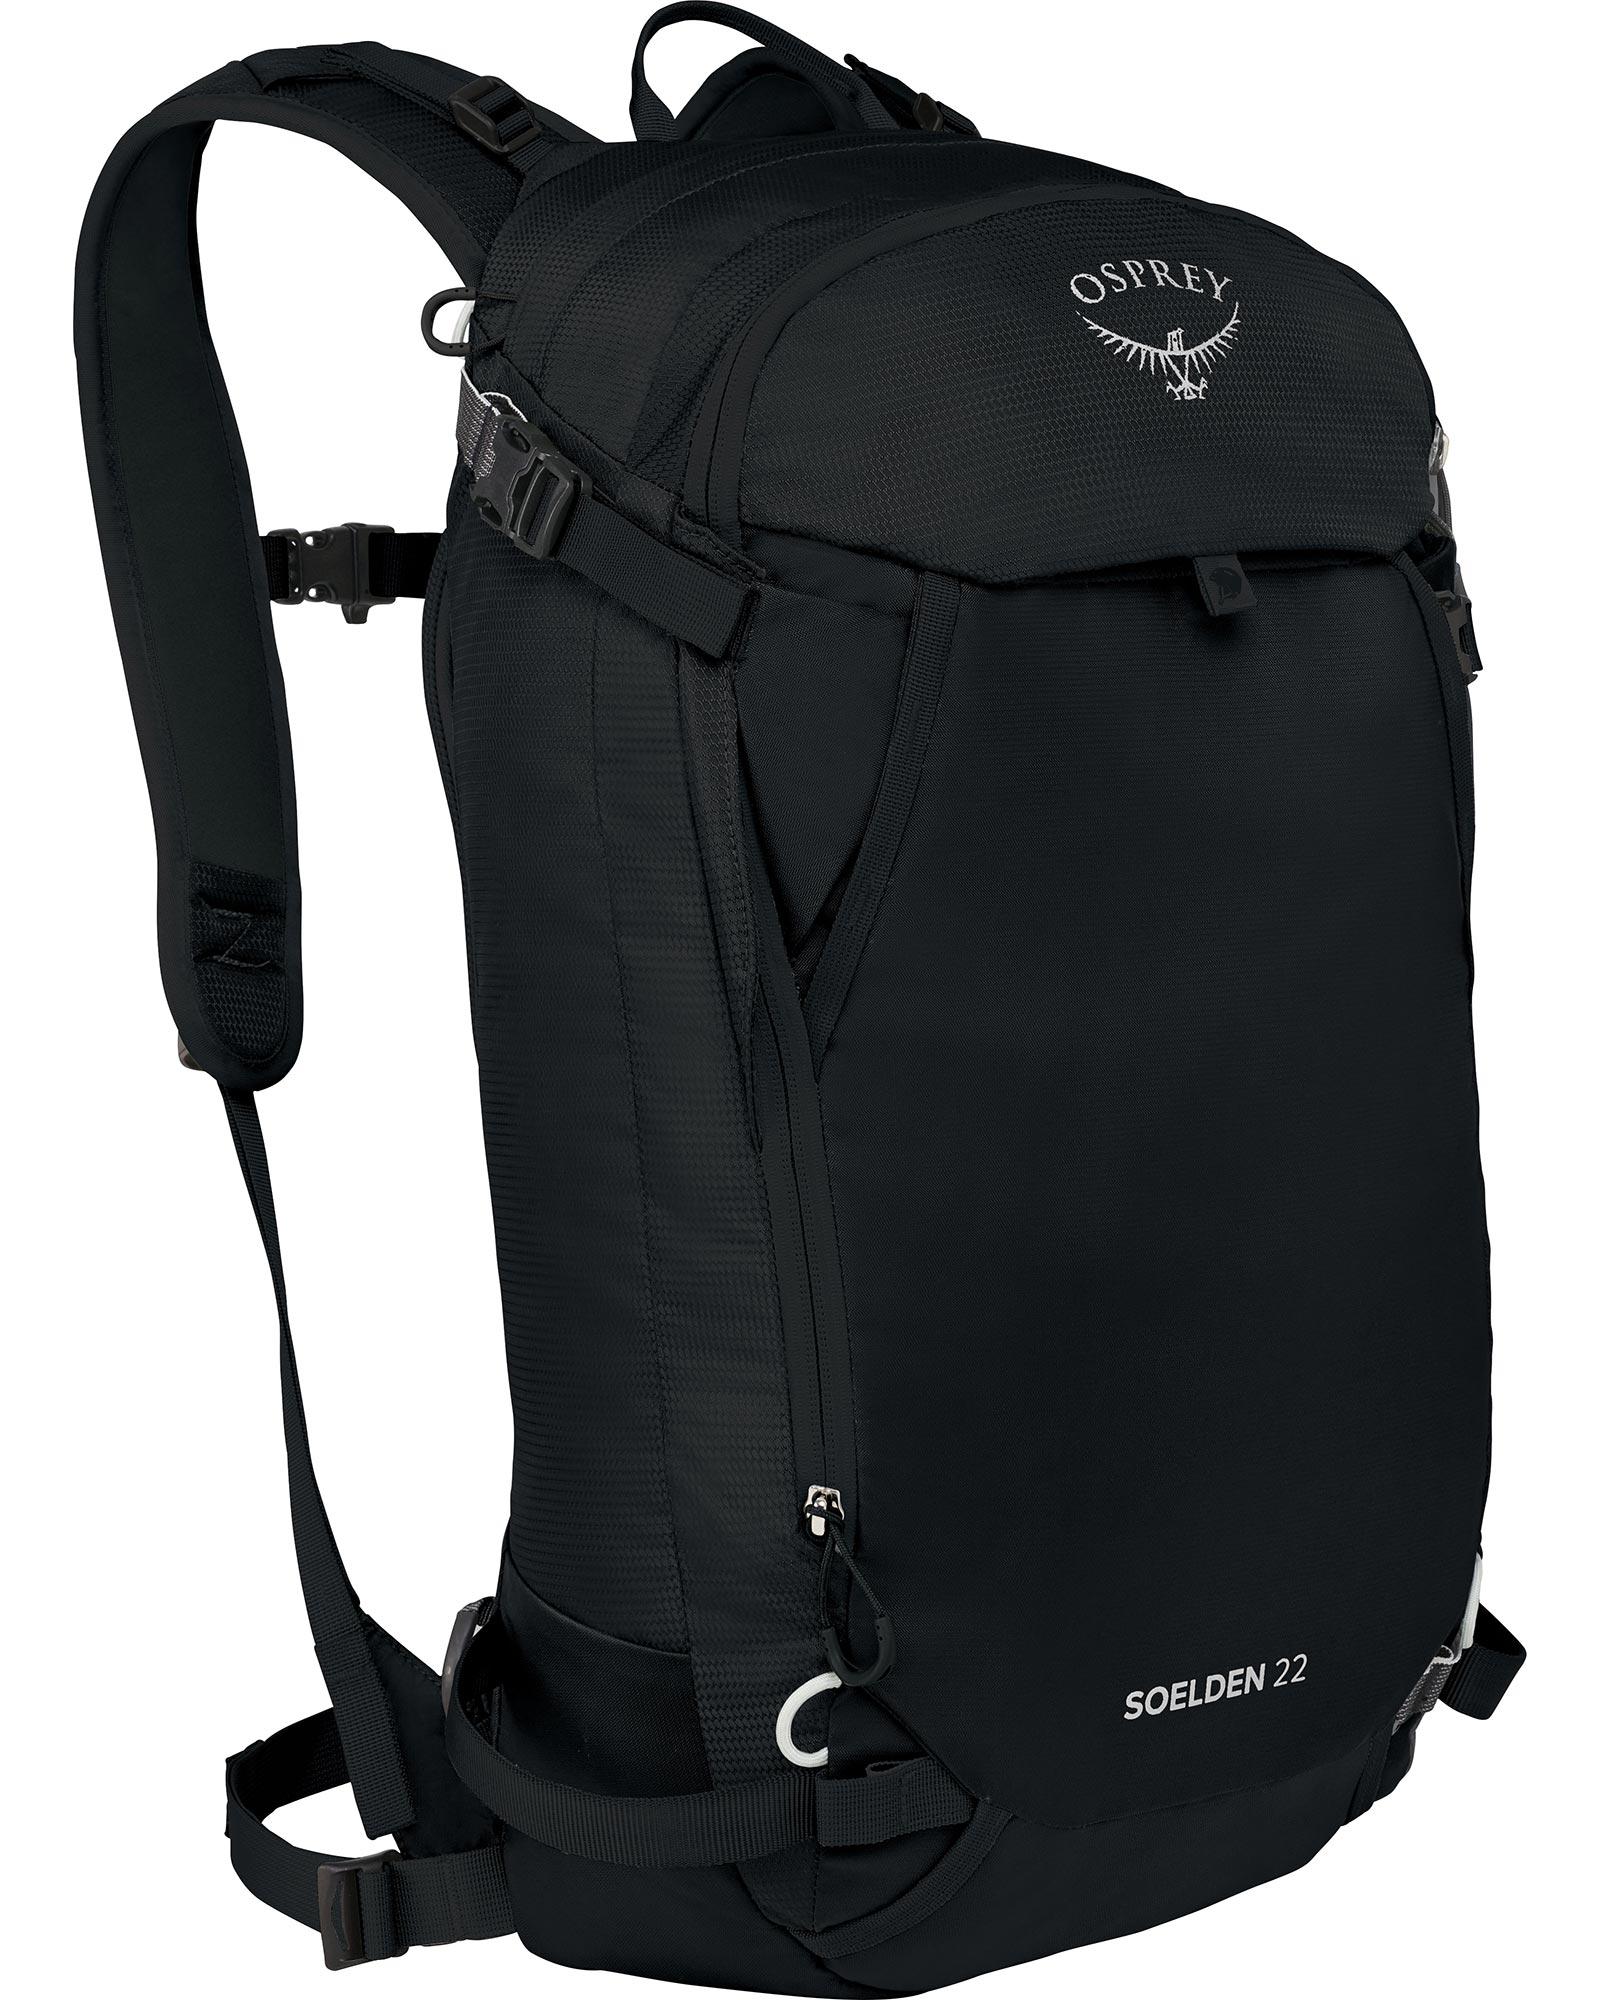 Osprey Men's Soelden 22 Bacpack 0